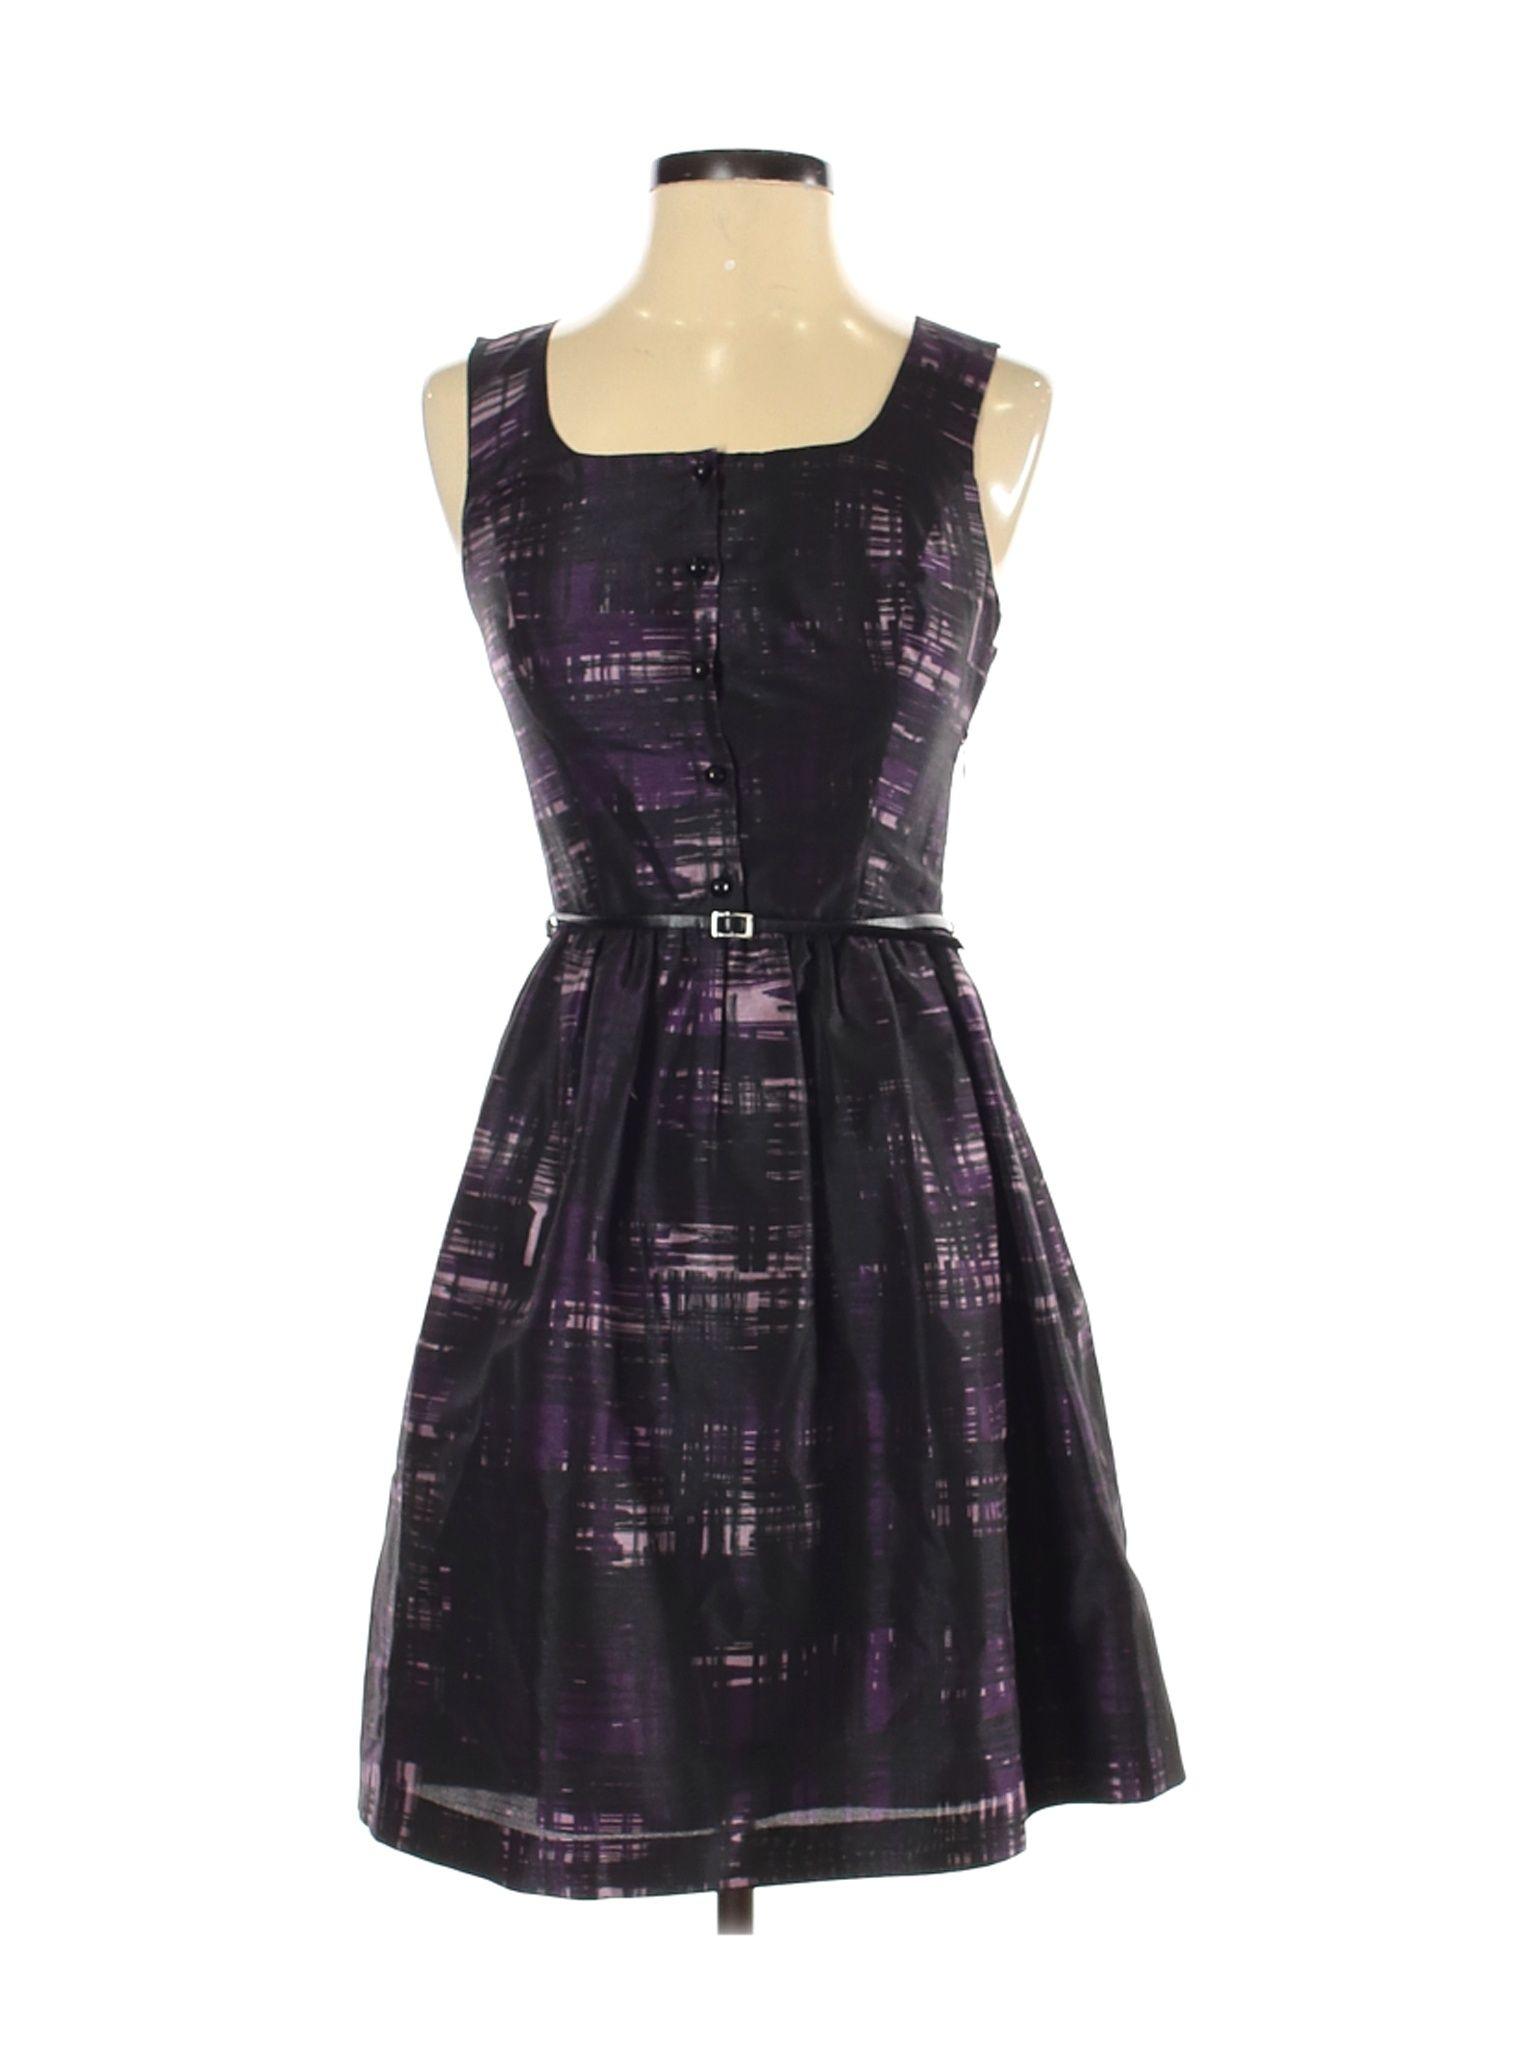 Kensie Pre Owned Kensie Women S Size Xs Casual Dress Walmart Com In 2021 Casual Dress Dresses Casual Dresses [ 2048 x 1536 Pixel ]